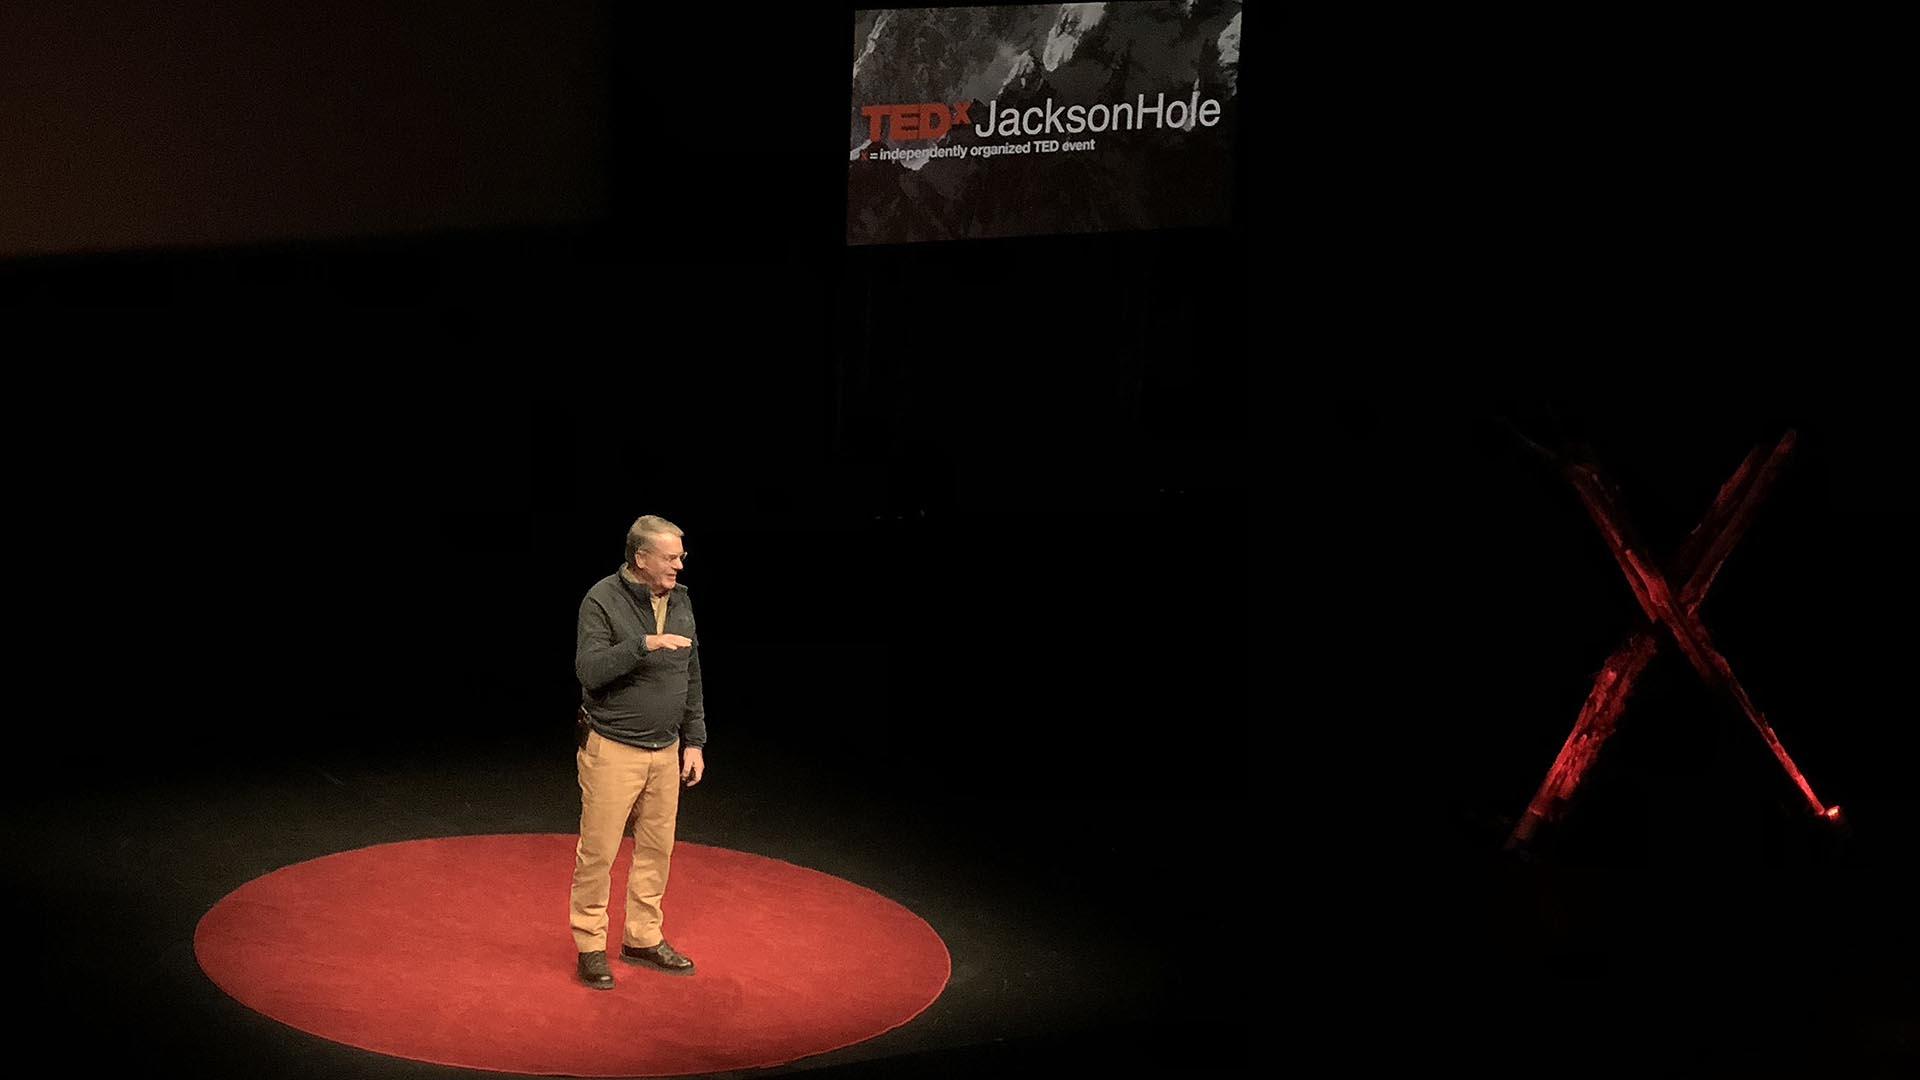 TEDxJacksonHole-2018 Ranger John Kerr, Jackson Hole, Wyoming